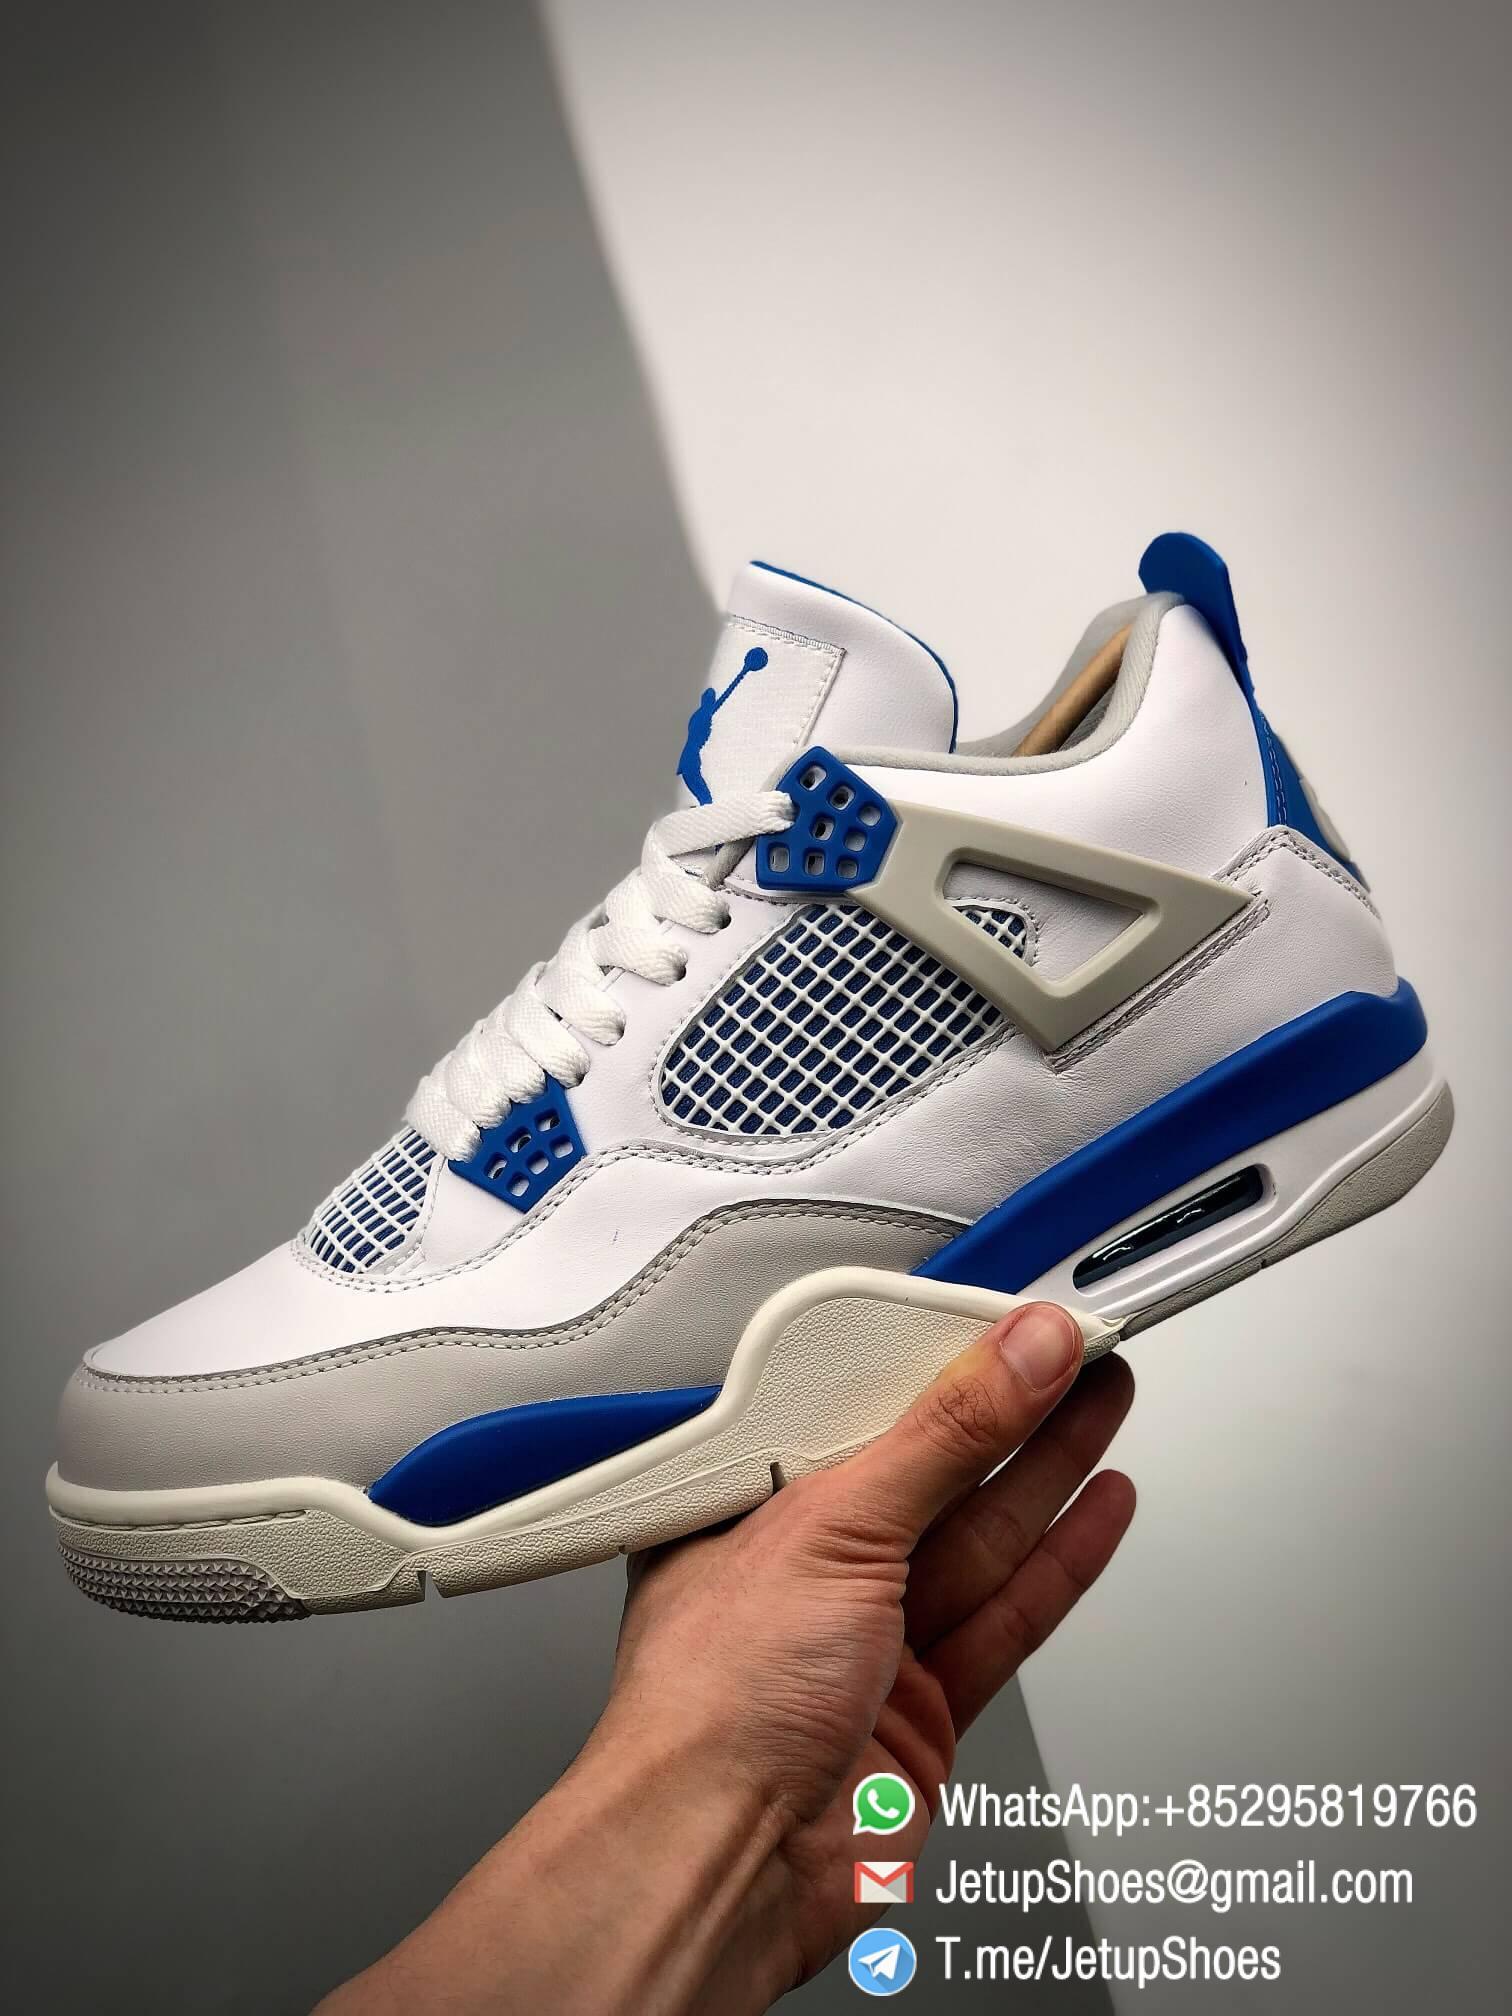 Best Replica Jordan 4 Retro Military Blue 2012 Sneakers 308497 105 07